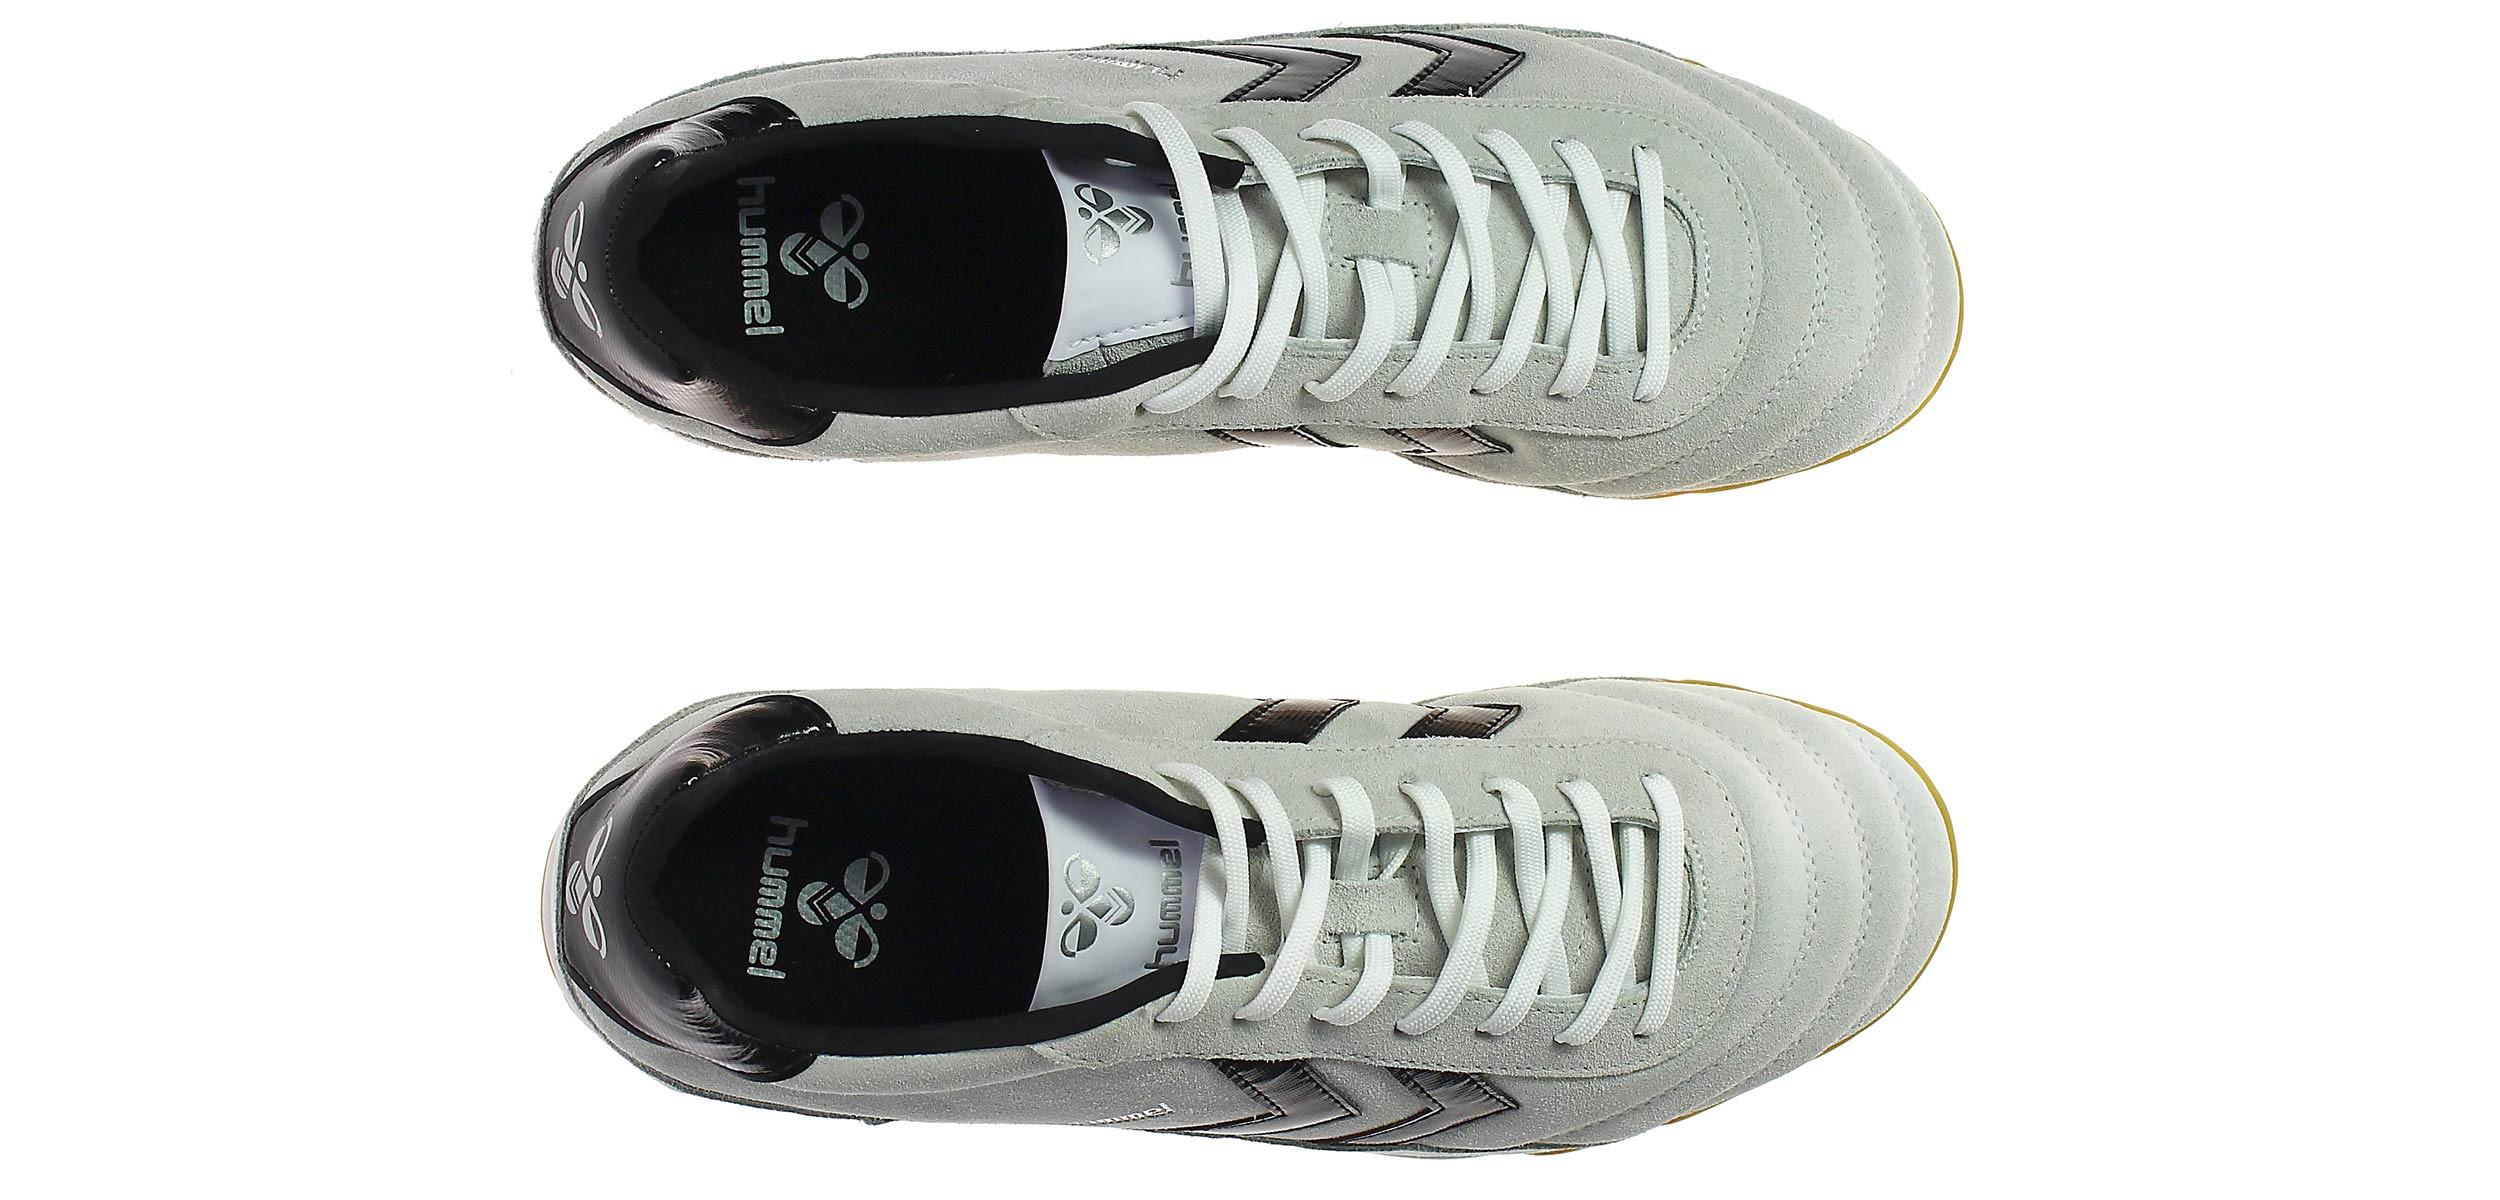 Zapatillas de fútbol sala Hummel Old School DK Futsal Suede - Gris - 613129124-OLD SCHOOL DK FUTSAL SUEDE